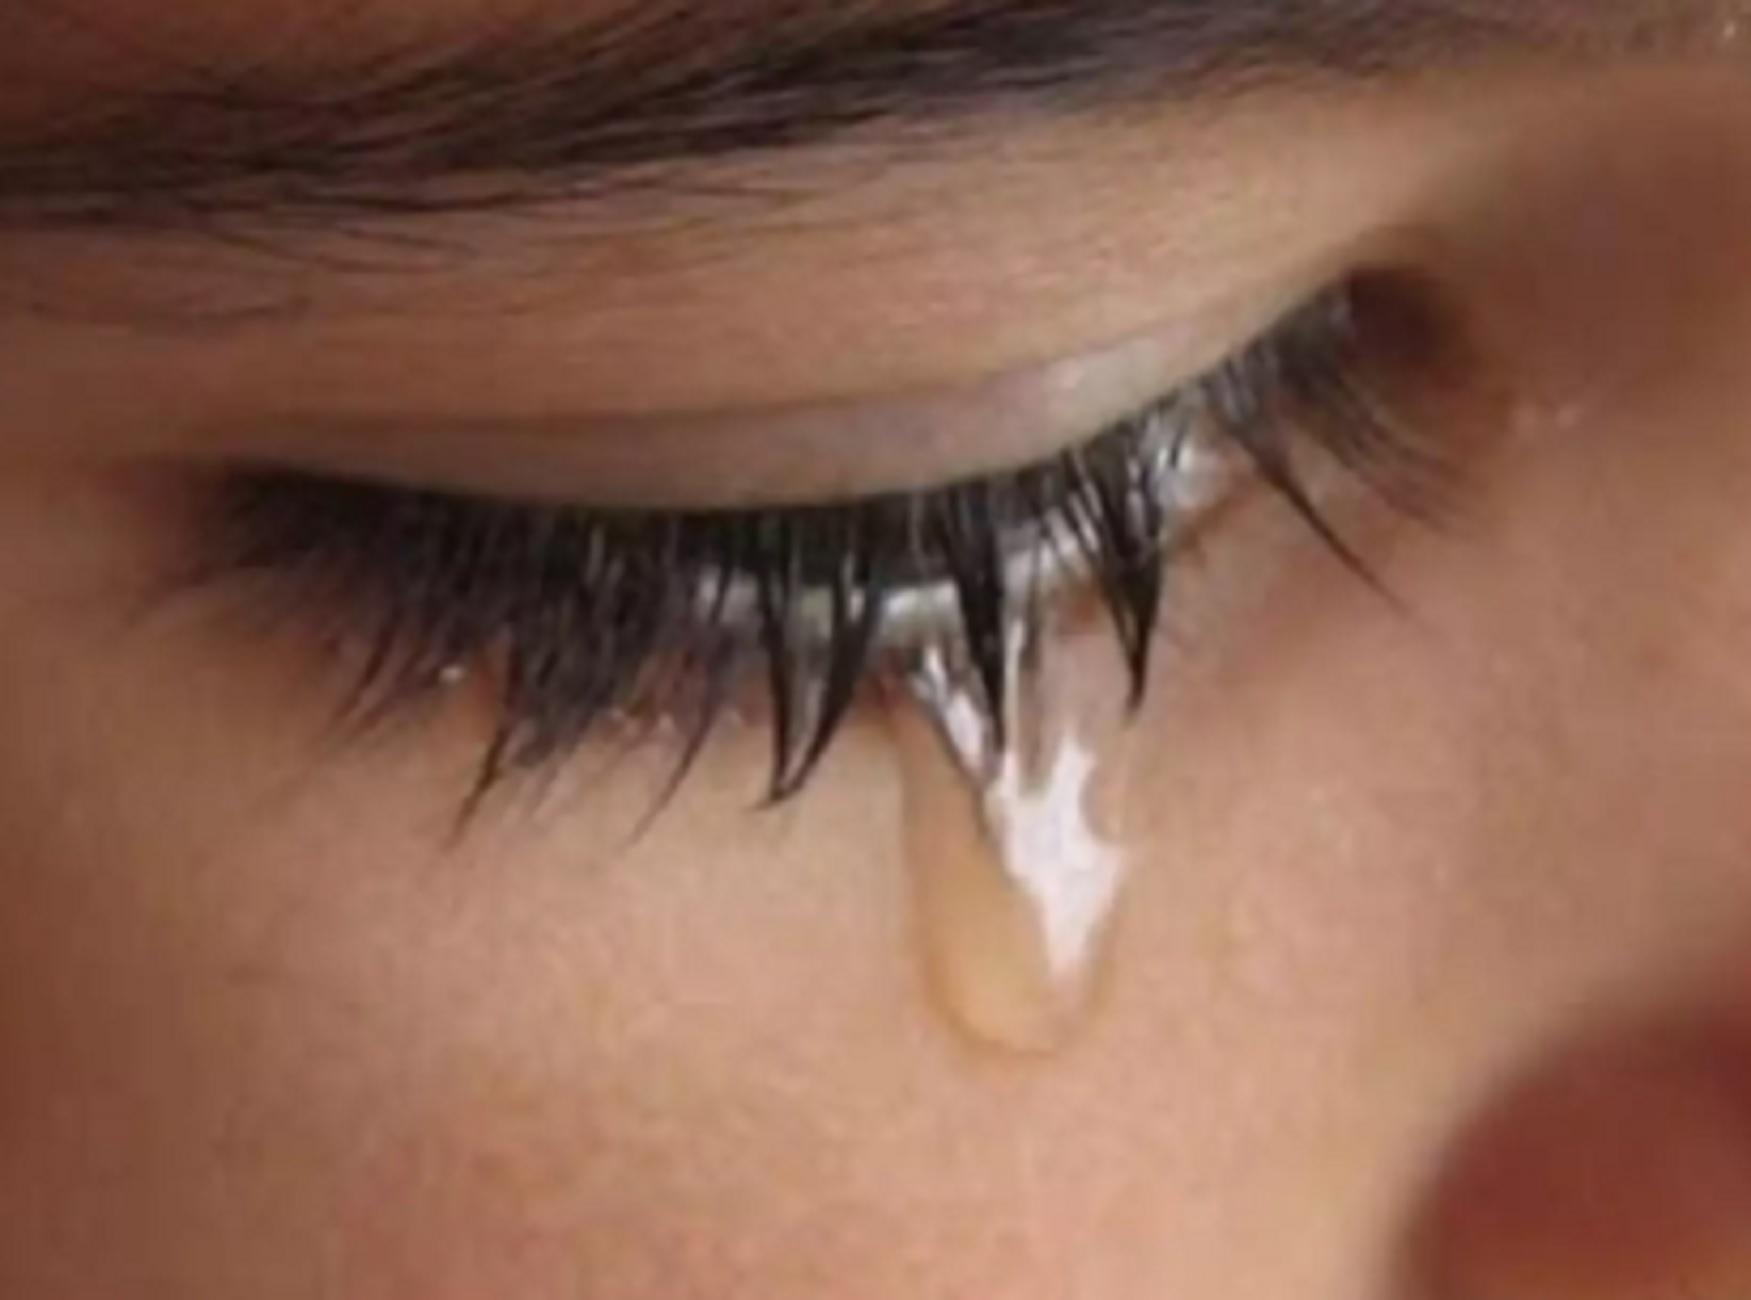 Μεσσηνία: Συγκλονίζει το τραγικό παιχνίδι της μοίρας πίσω από το φοβερό τροχαίο με το νεκρό 20χρονο!